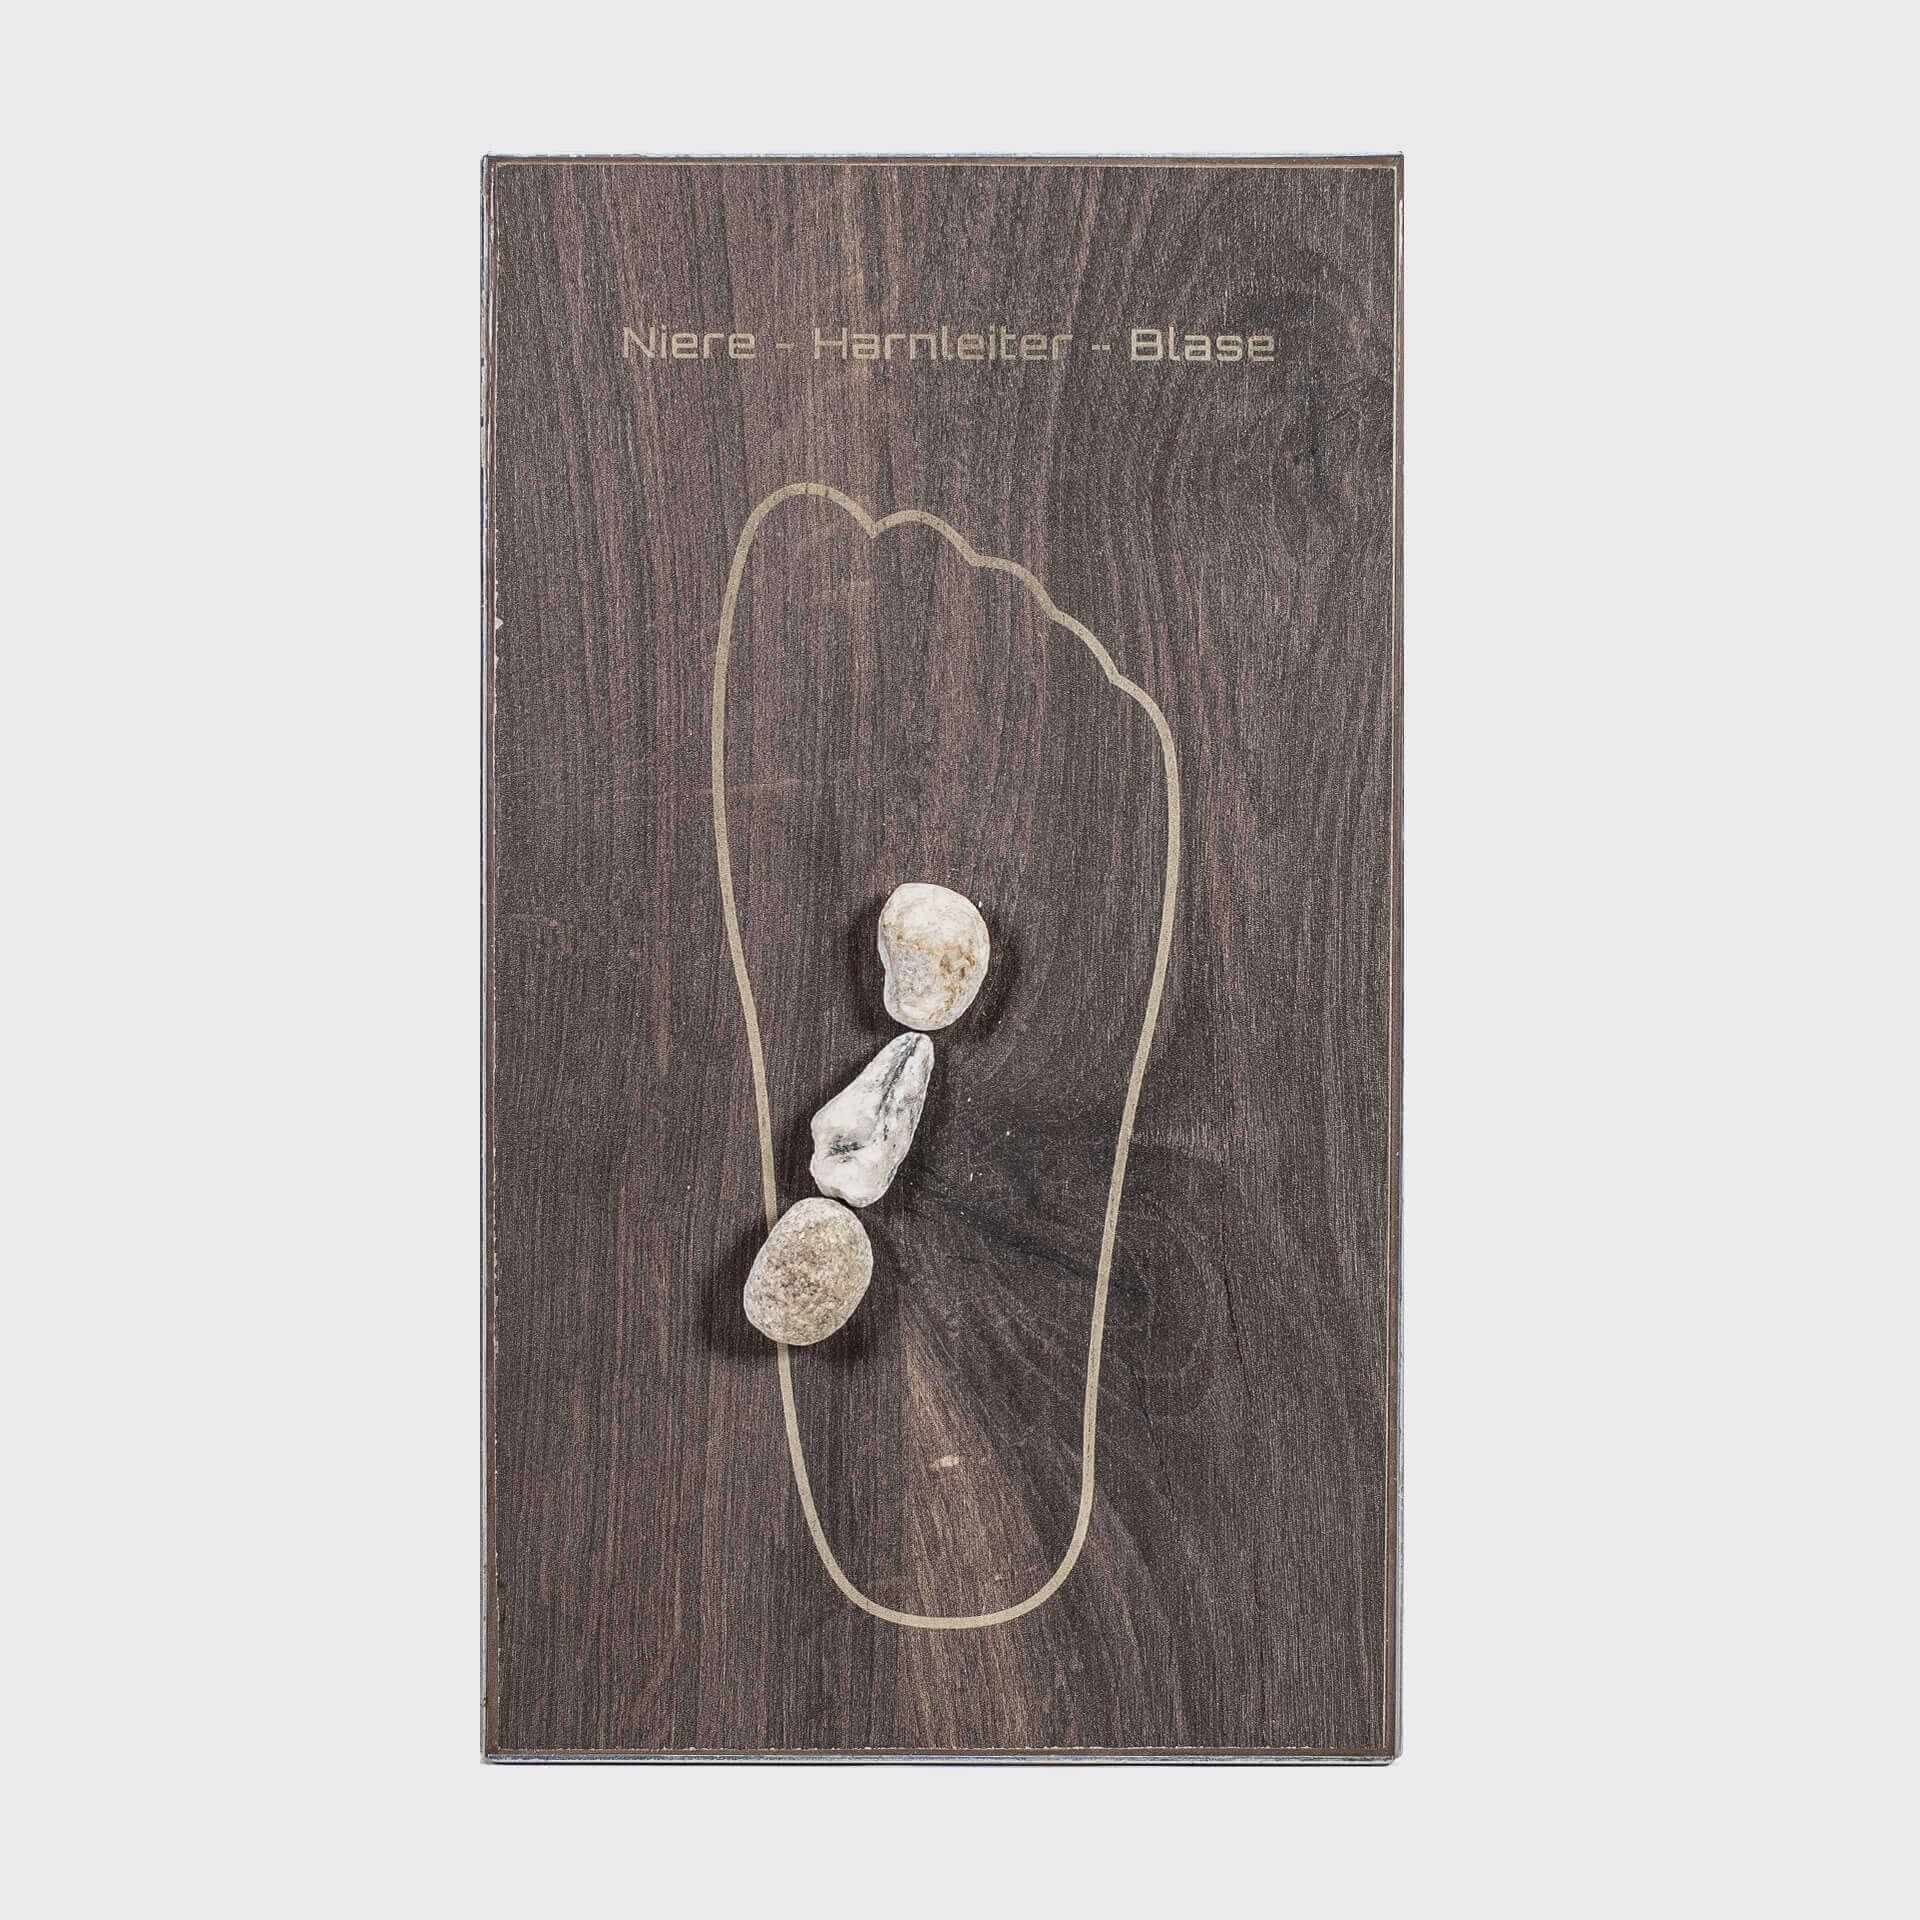 Niere, Harnleiter, Blase Tile & Stone Fußreflexzonenmassage